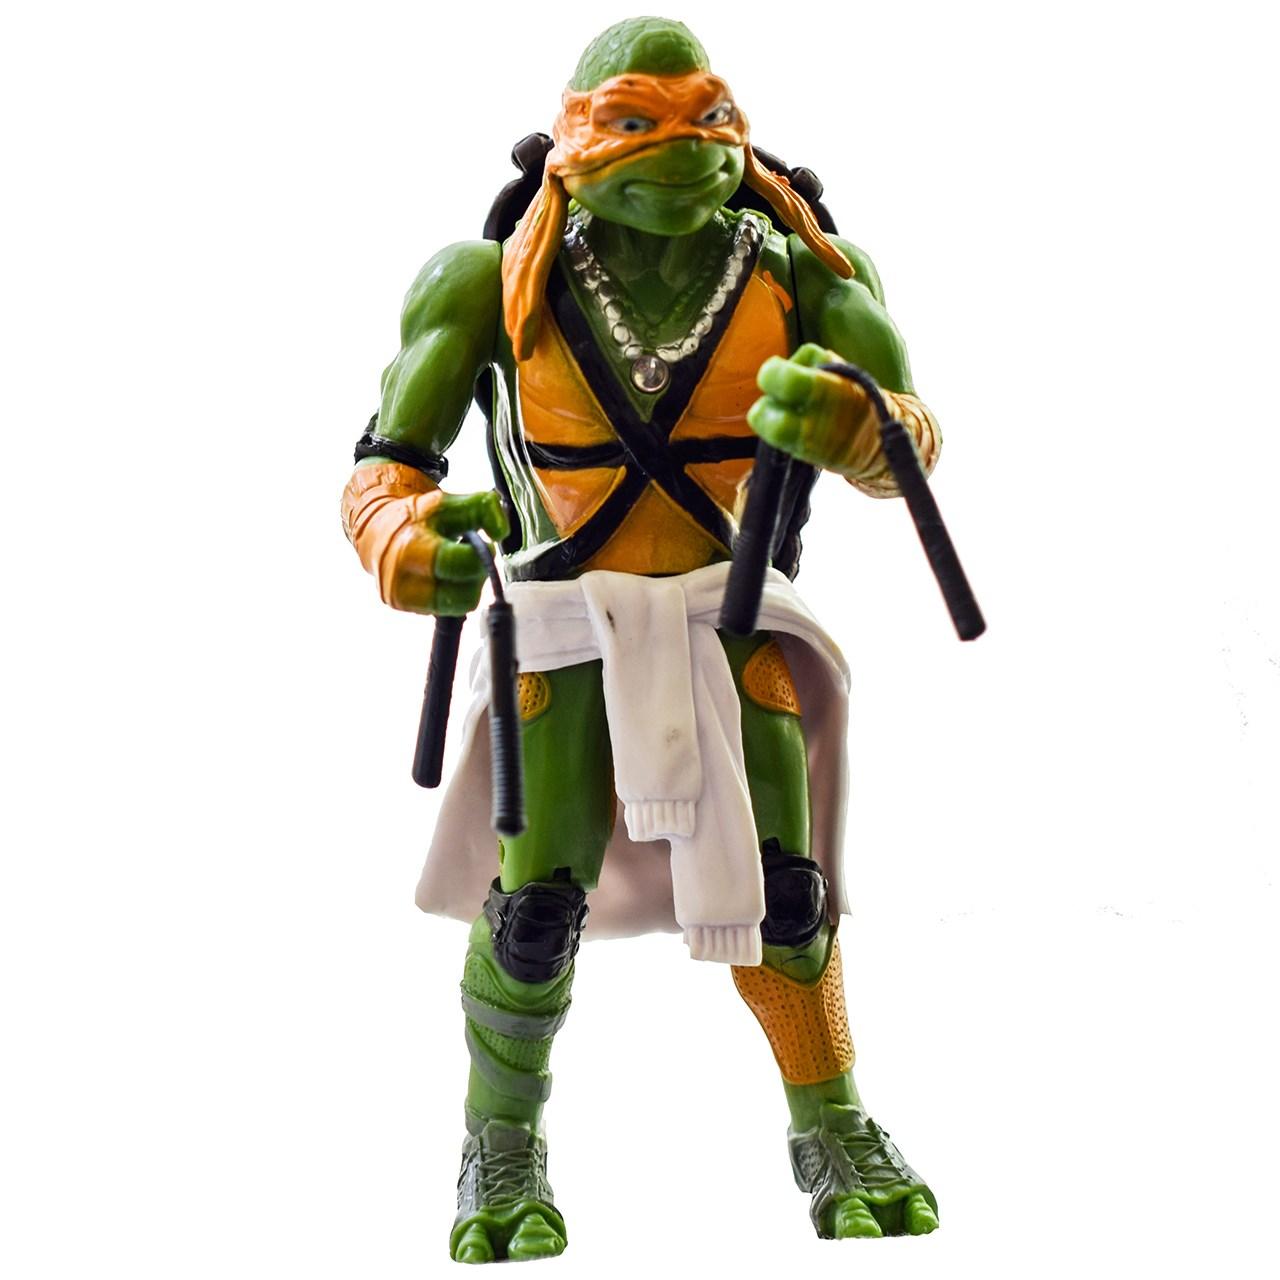 اکشن فیگور آناترا سری Ninja Turtles مدل Michelangelo